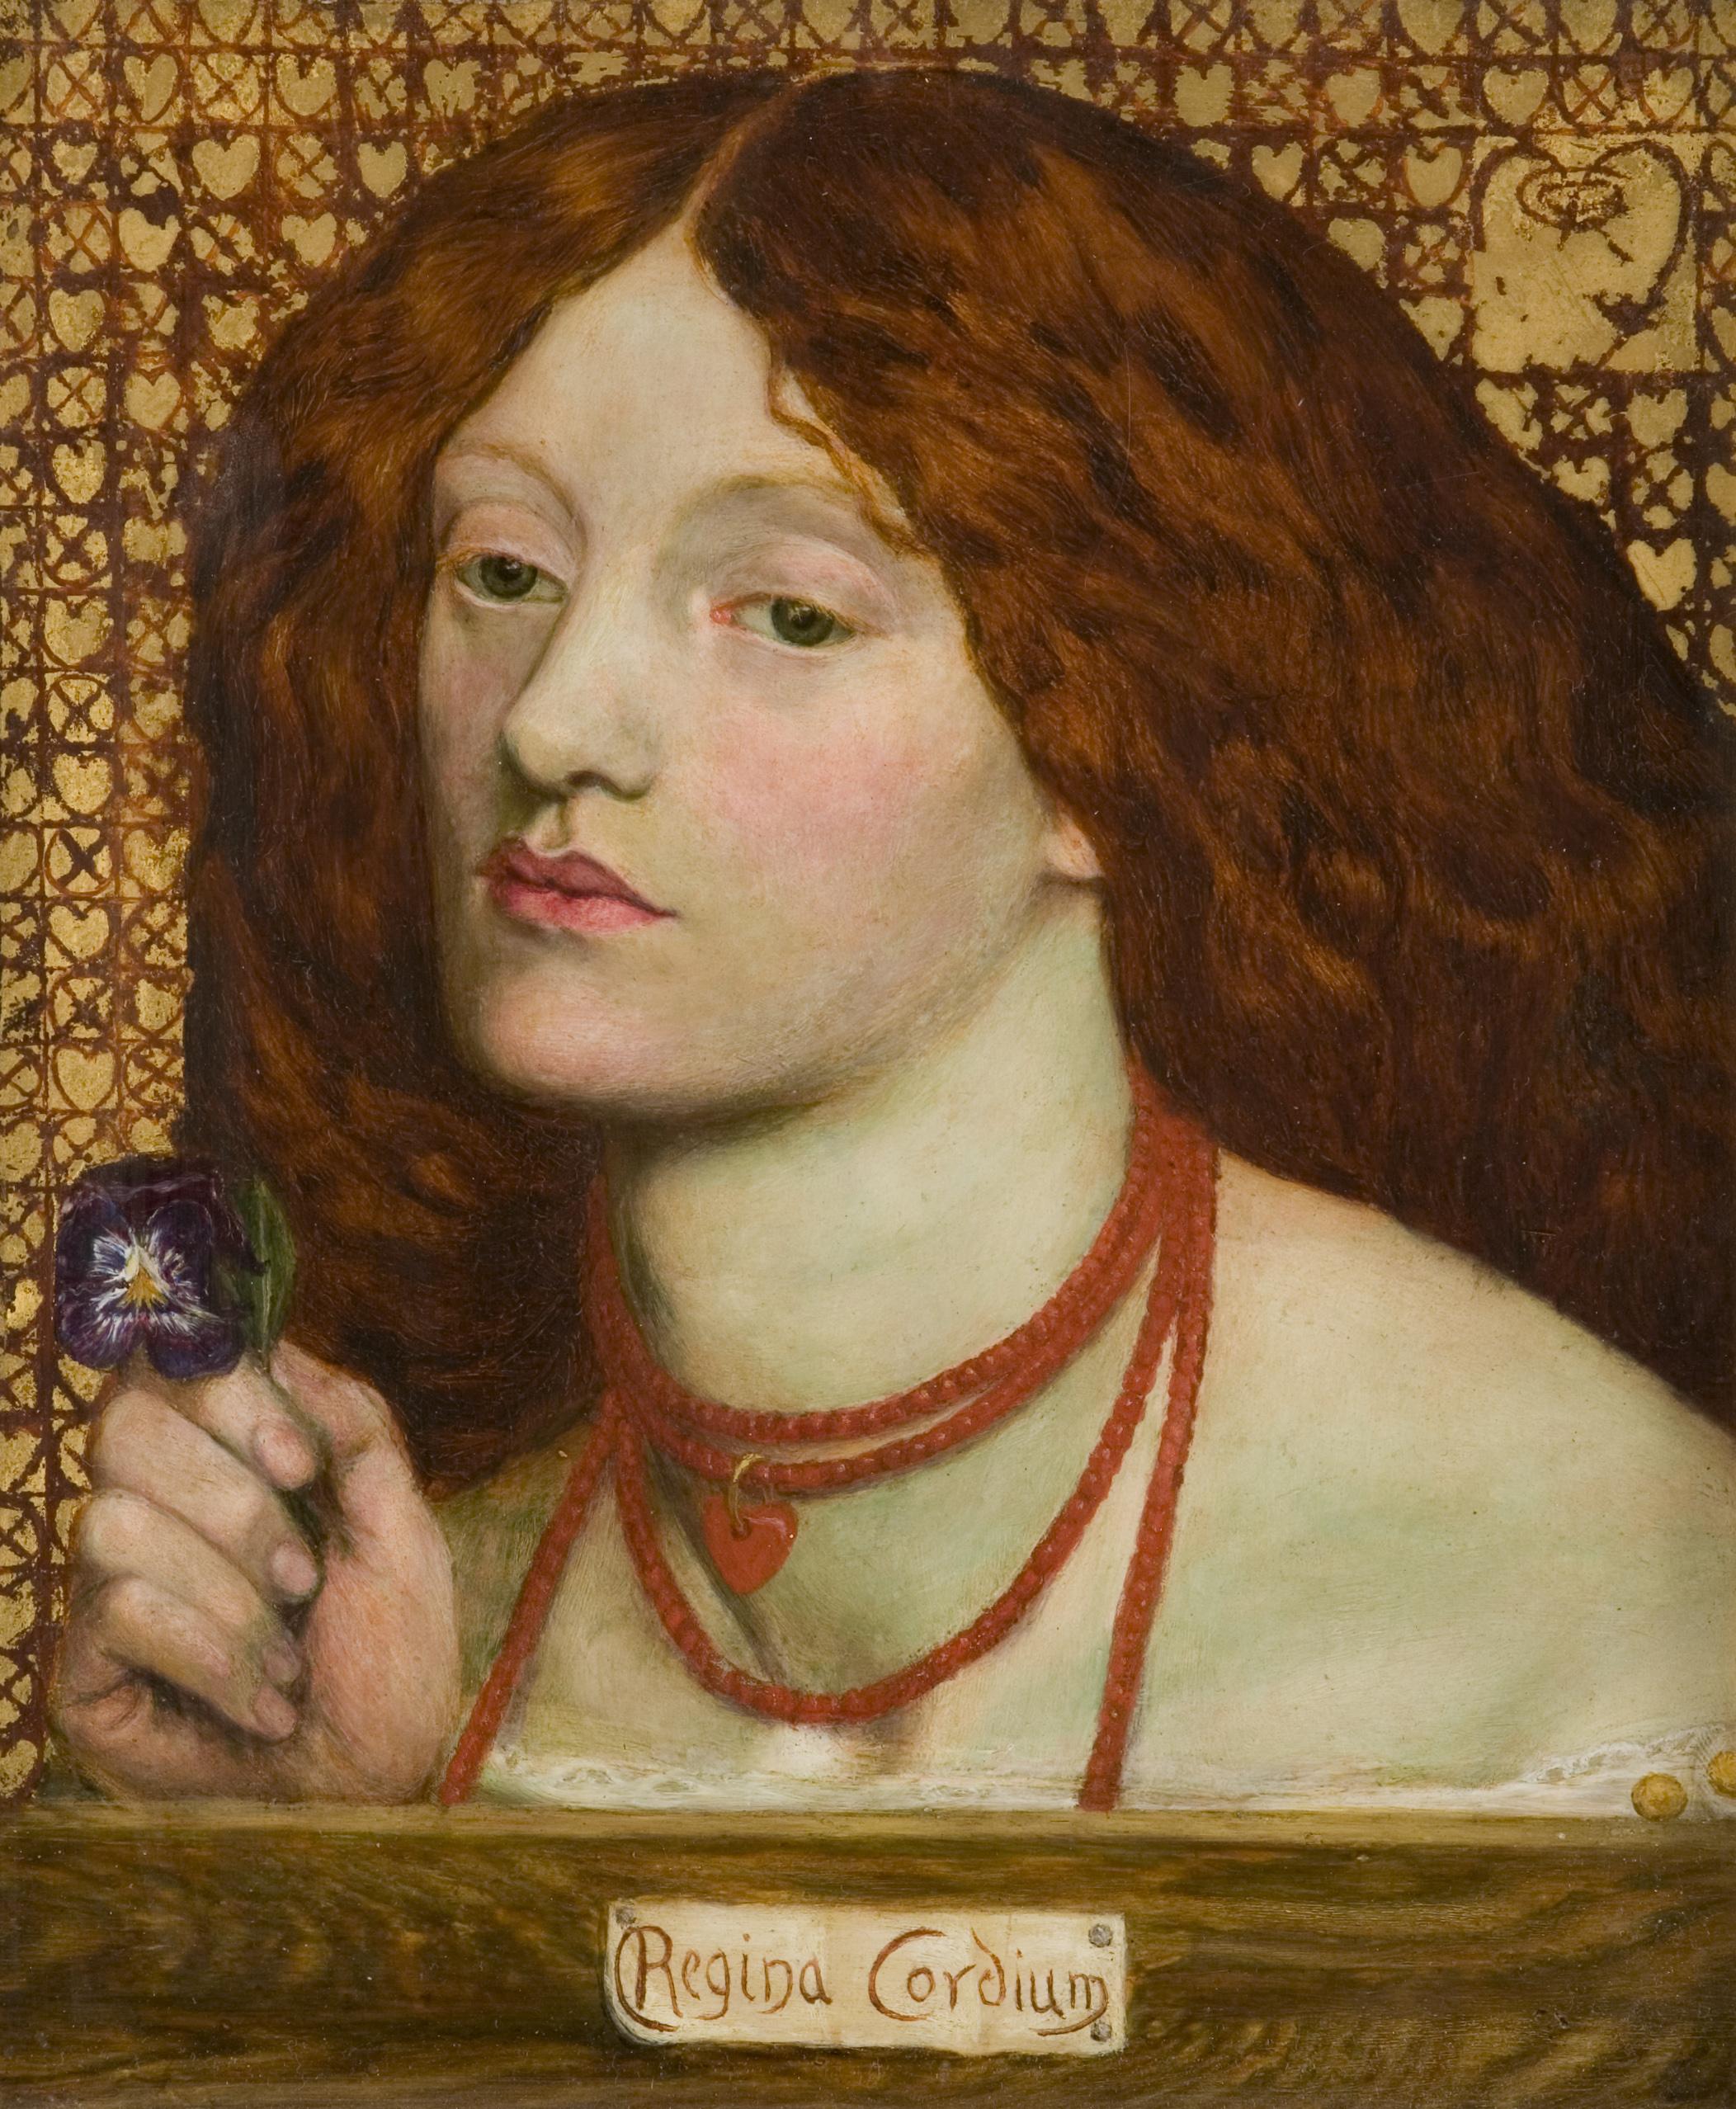 File:Dante Gabriel Rossetti - Regina Cordium (1860).jpg ...